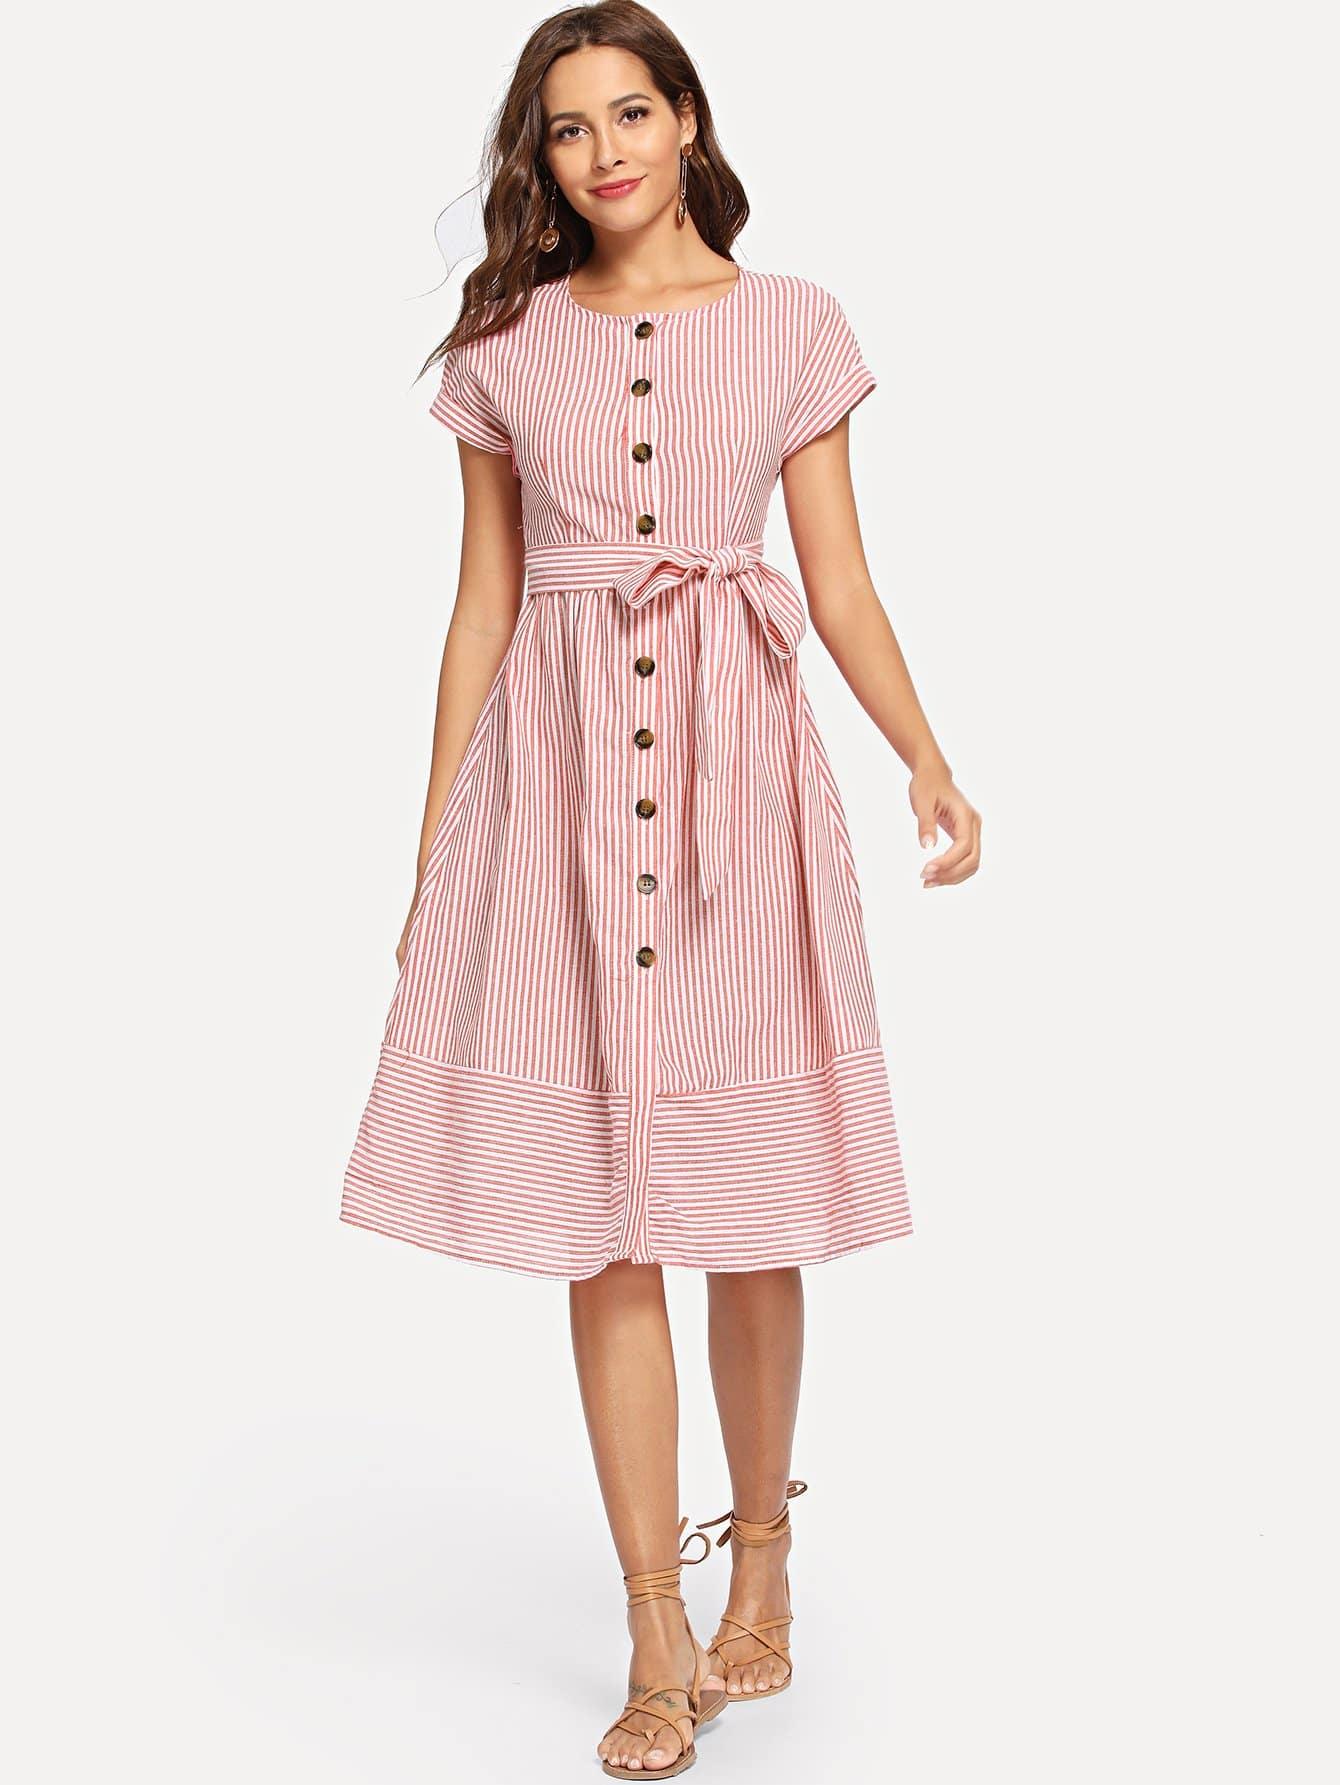 Купить Кнопка через полосатое платье с поясом, Giulia, SheIn